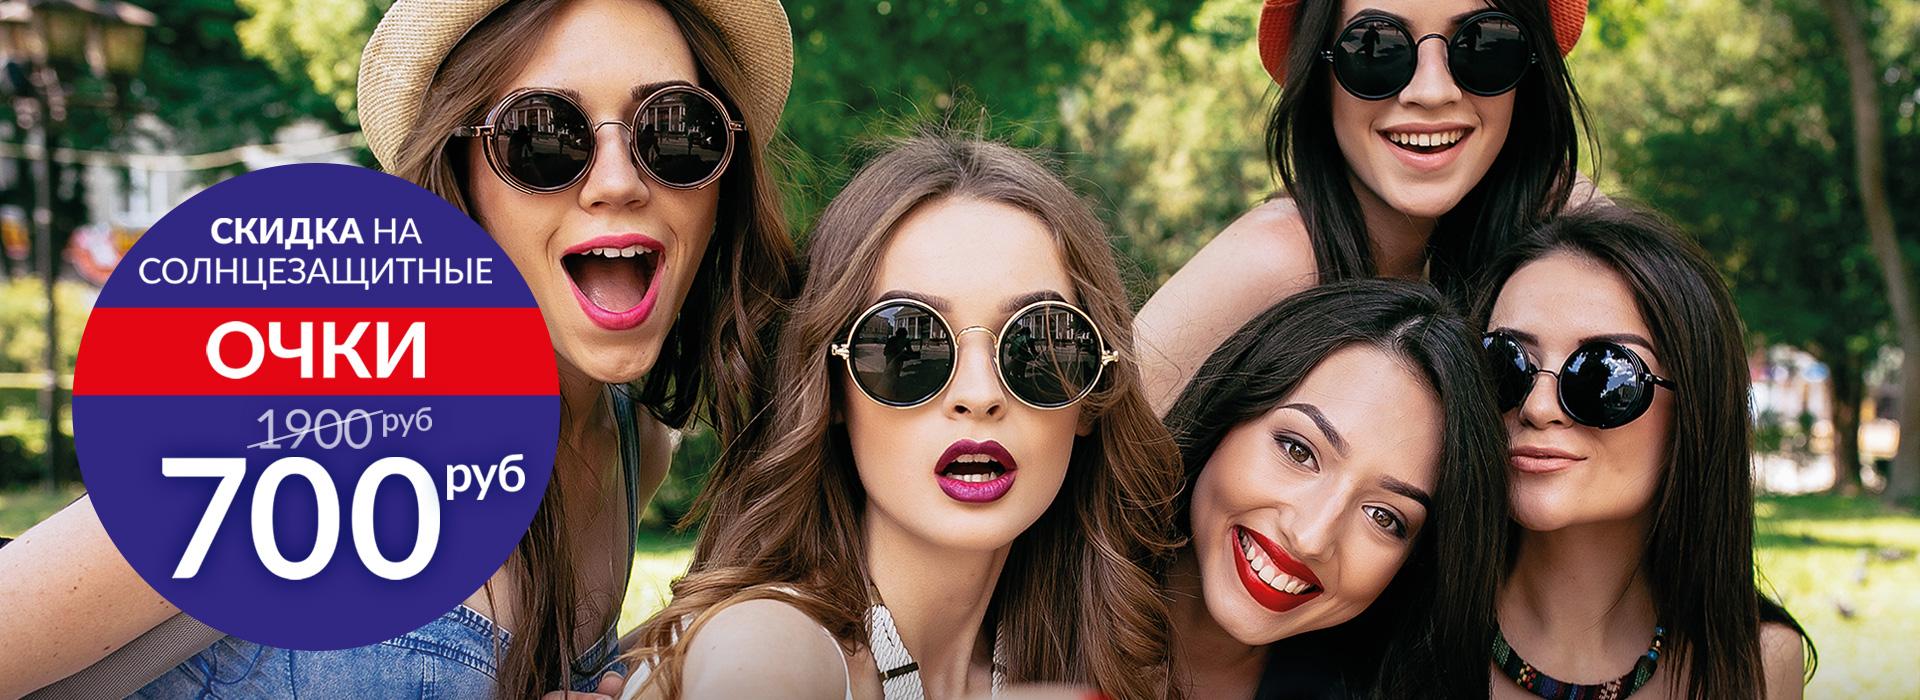 В Чебоксары пришла весна, и в честь первых теплых дней салоны оптики «Линзбург» предлагают солнечные очки с большой скидкой. Порадуйте себя прогулкой по солнечному городу в модных новых солнцезащитных очках, не опустошив кошелек!